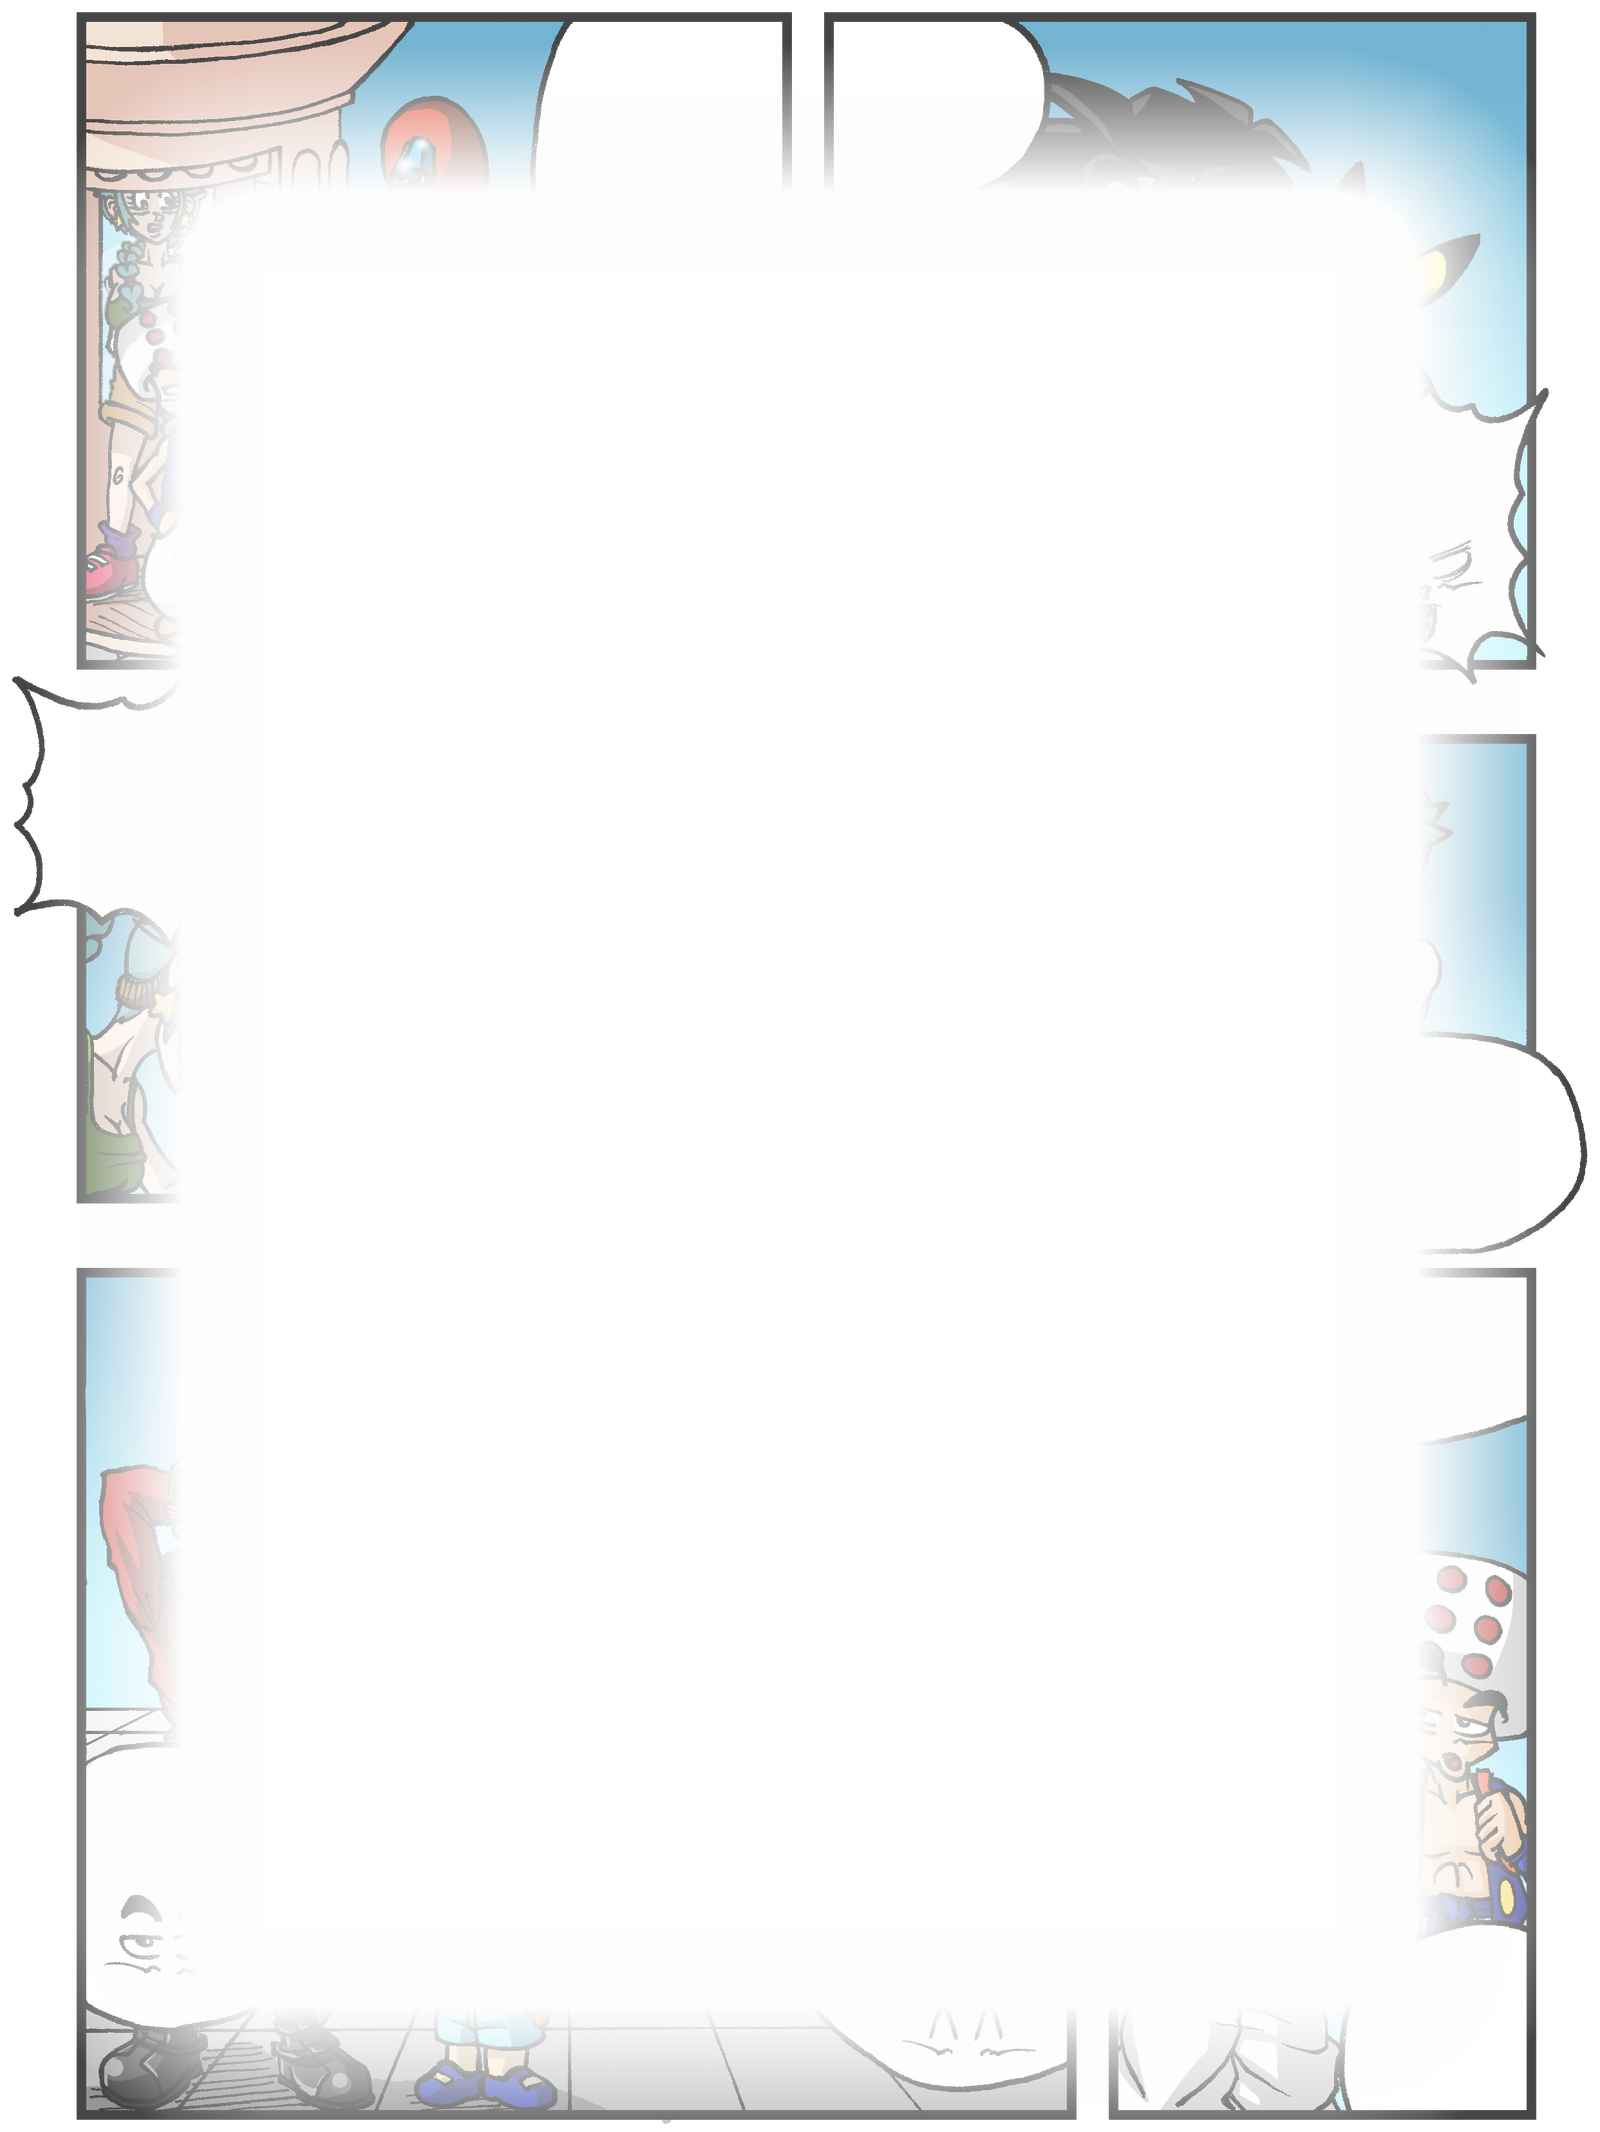 スーパードラゴンブラザーズZ : チャプター 2 ページ 10